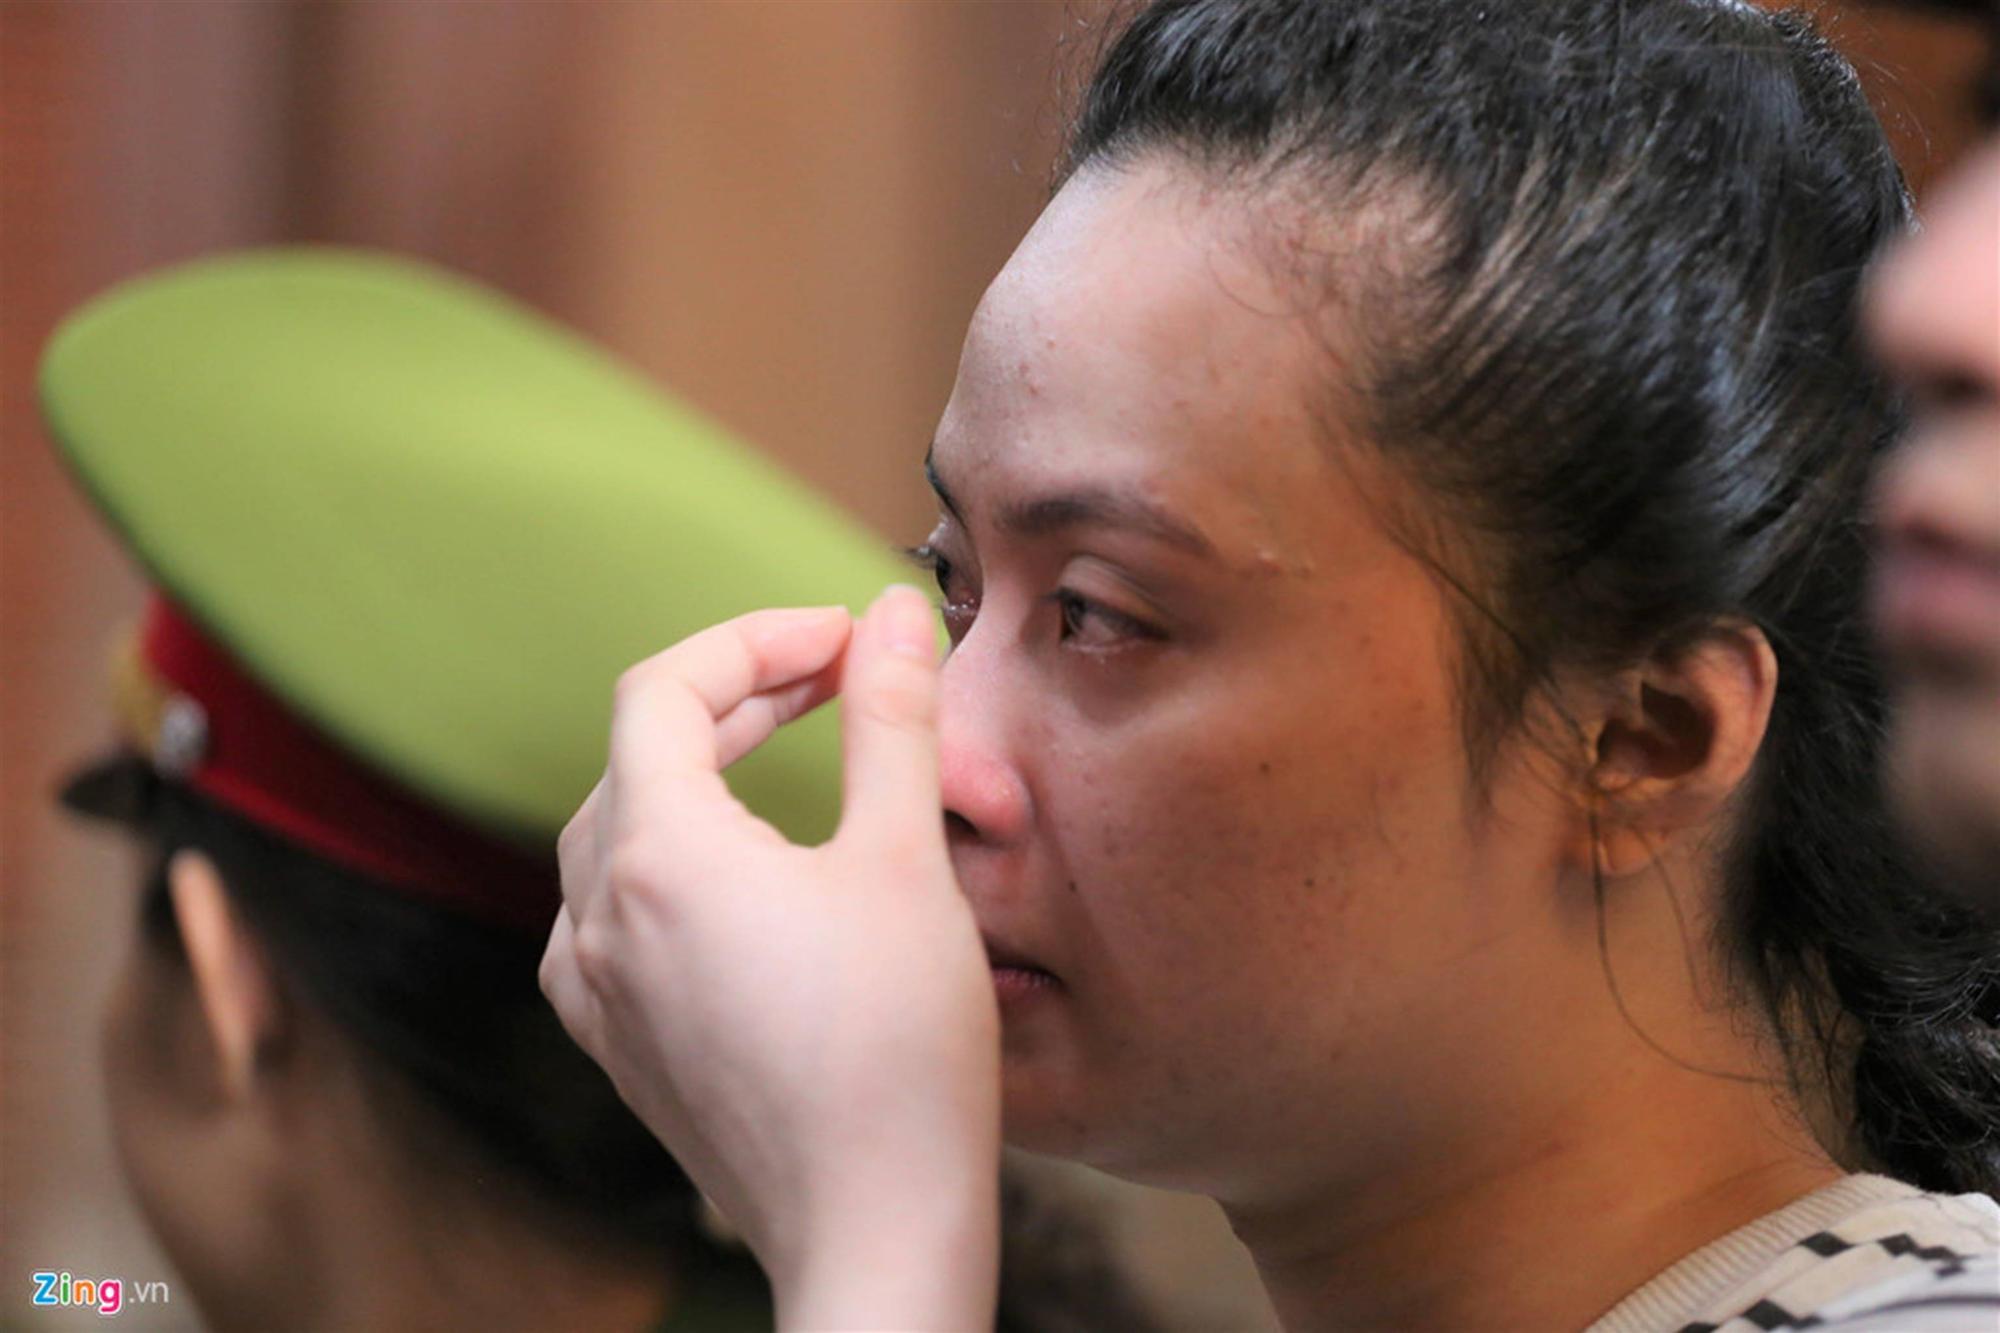 Cảm xúc trái chiều của Ngọc Miu và nhiều bị cáo khi VKS đề nghị án-3